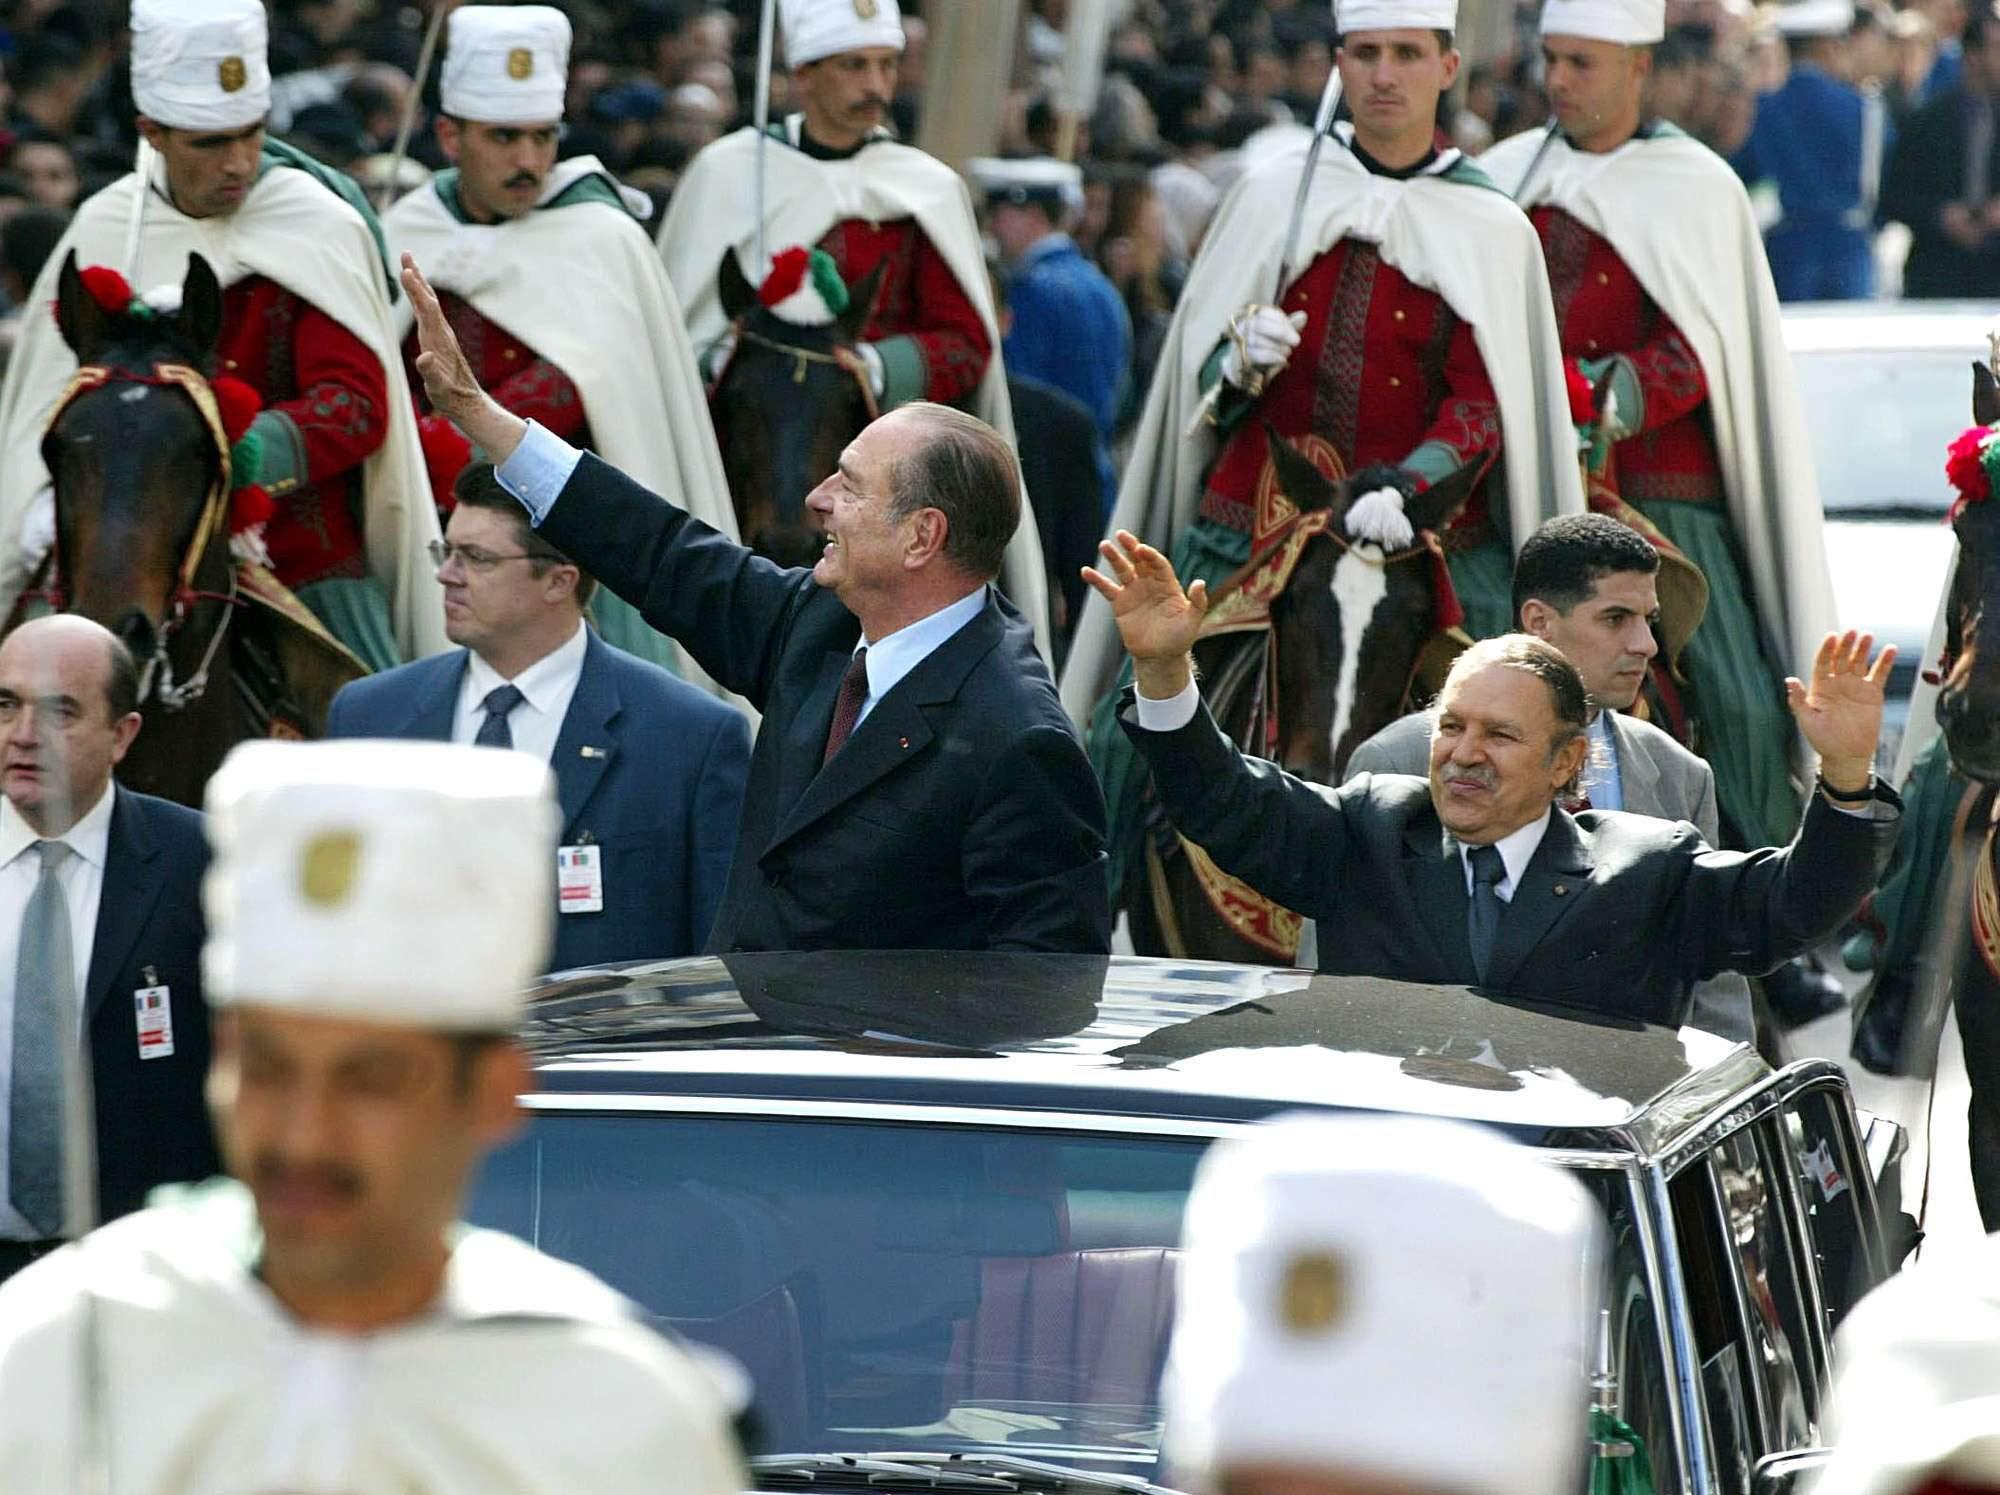 Le président français Jacques Chirac défilant dans les rues d'Alger aux côtés de son homologue Abdelaziz Bouteflika, en mars 2003.